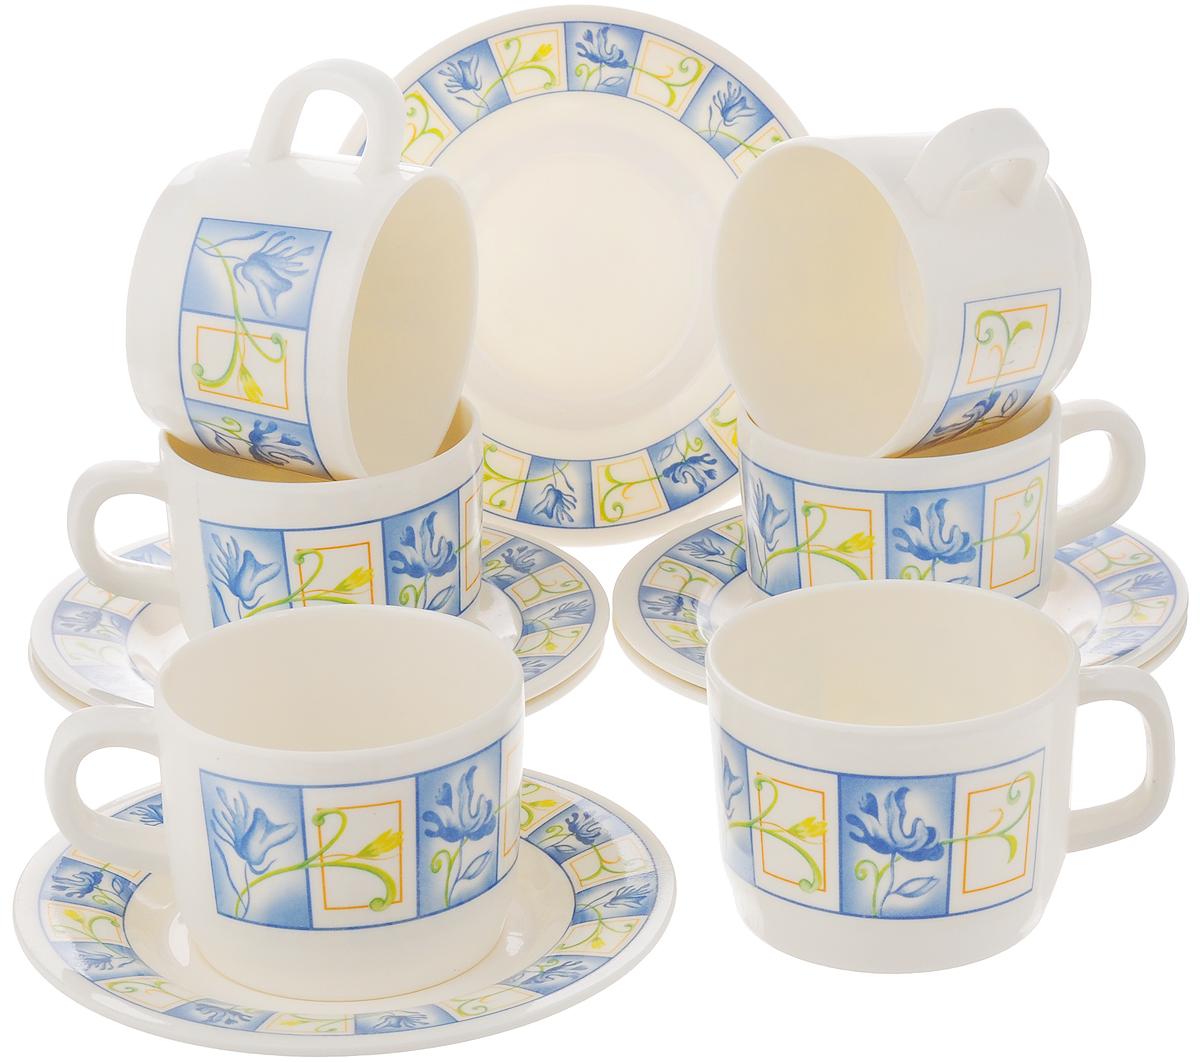 Набор чайный Calve, цвет: белый, голубой, 12 предметовCL-2509_белый, голубойЧайный набор Calve состоит из шести чашек и шести блюдец, выполненных из меламина. Изделия оформлены ярким рисунком. Изящный набор эффектно украсит стол к чаепитию и порадует вас функциональностью и ярким дизайном. Можно мыть в посудомоечной машине. Диаметр чашки (по верхнему краю): 8 см. Высота чашки: 6 см. Объем чашки: 240 мл. Диаметр блюдца: 14,5 см. Высота блюдца: 1,5 см.